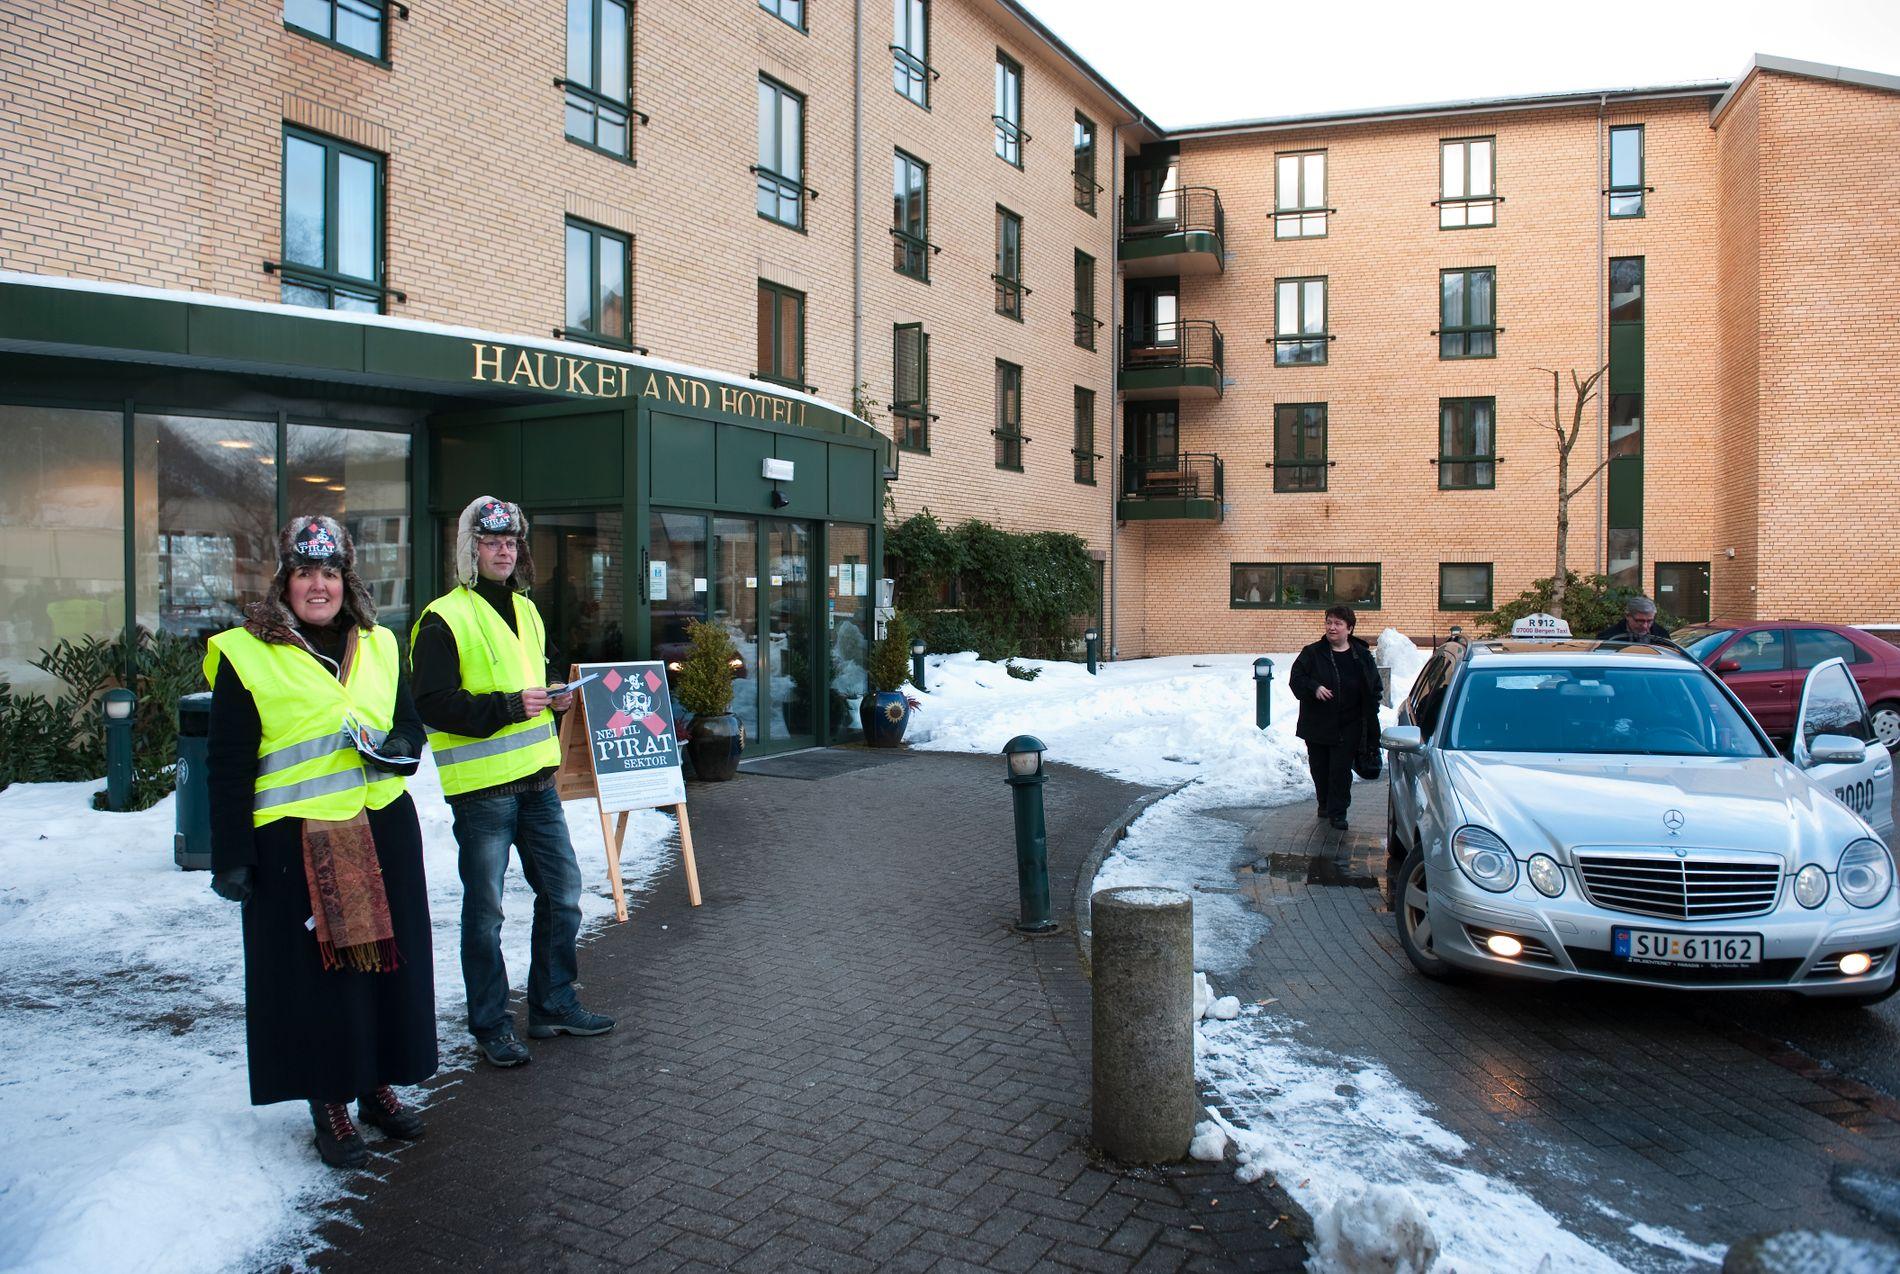 RAMMES: For andre gang må Haukeland hotell stenge som følge av streik. Dette bilde er fra streiken i 2010, da NHO service streiket.